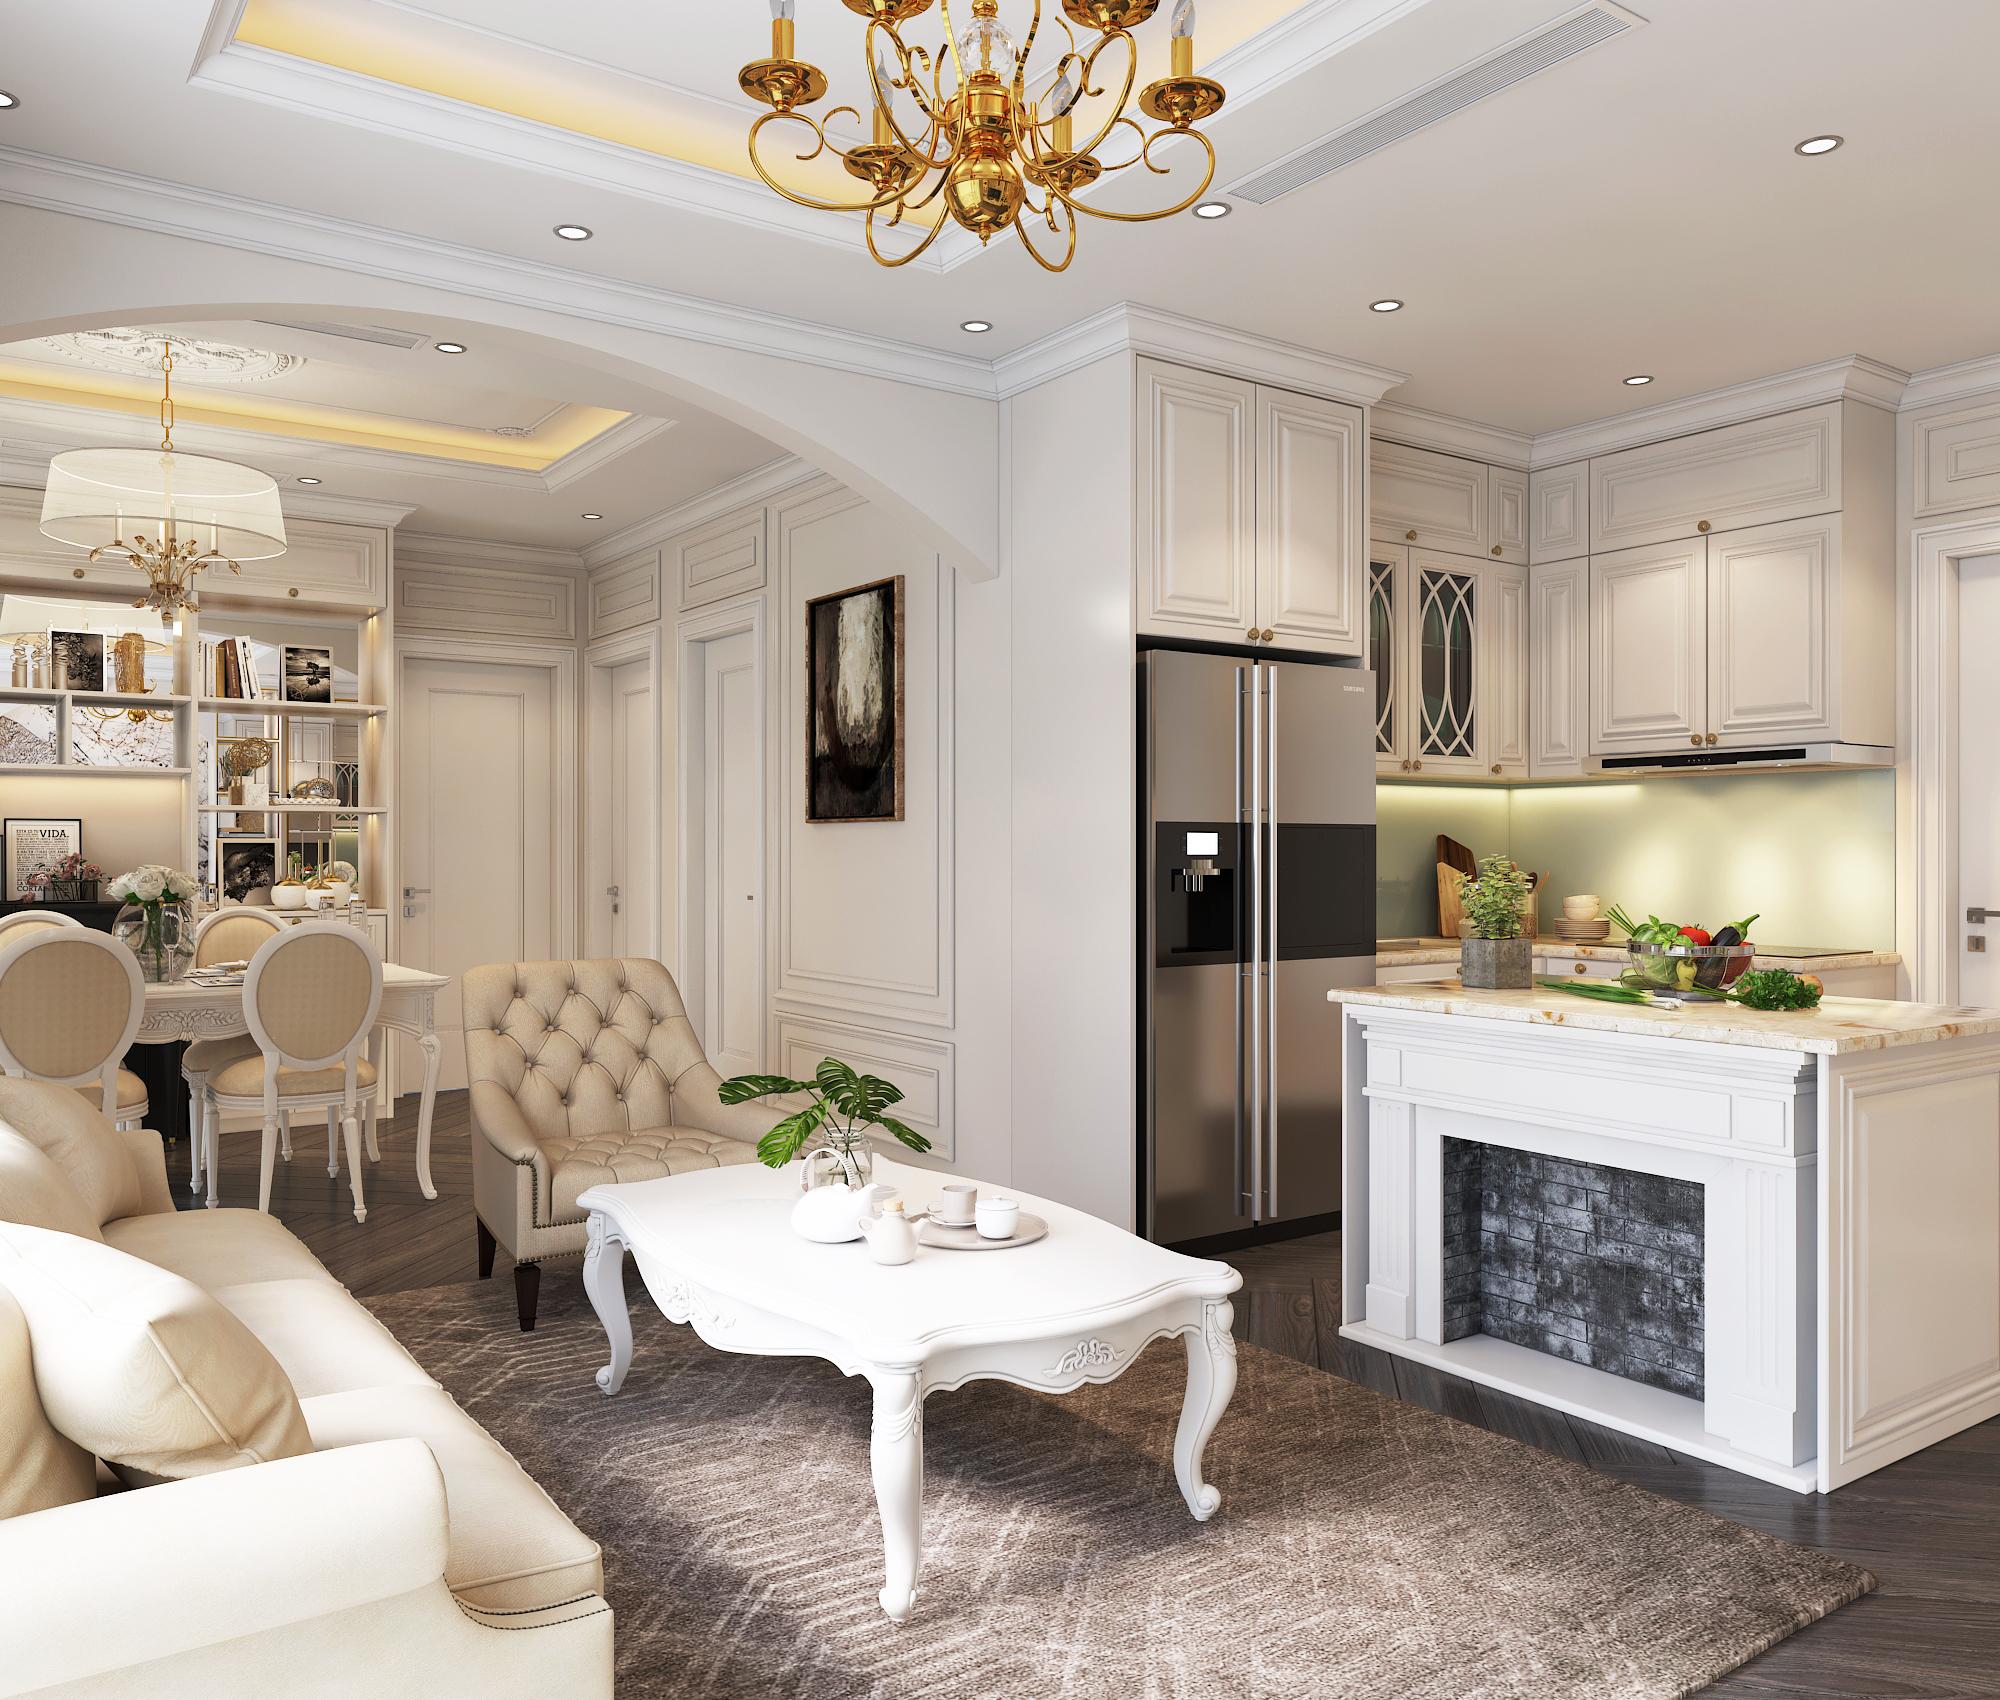 Những mẫu thiết kế nội thất chung cư cao cấp mà bạn có thể chưa biết